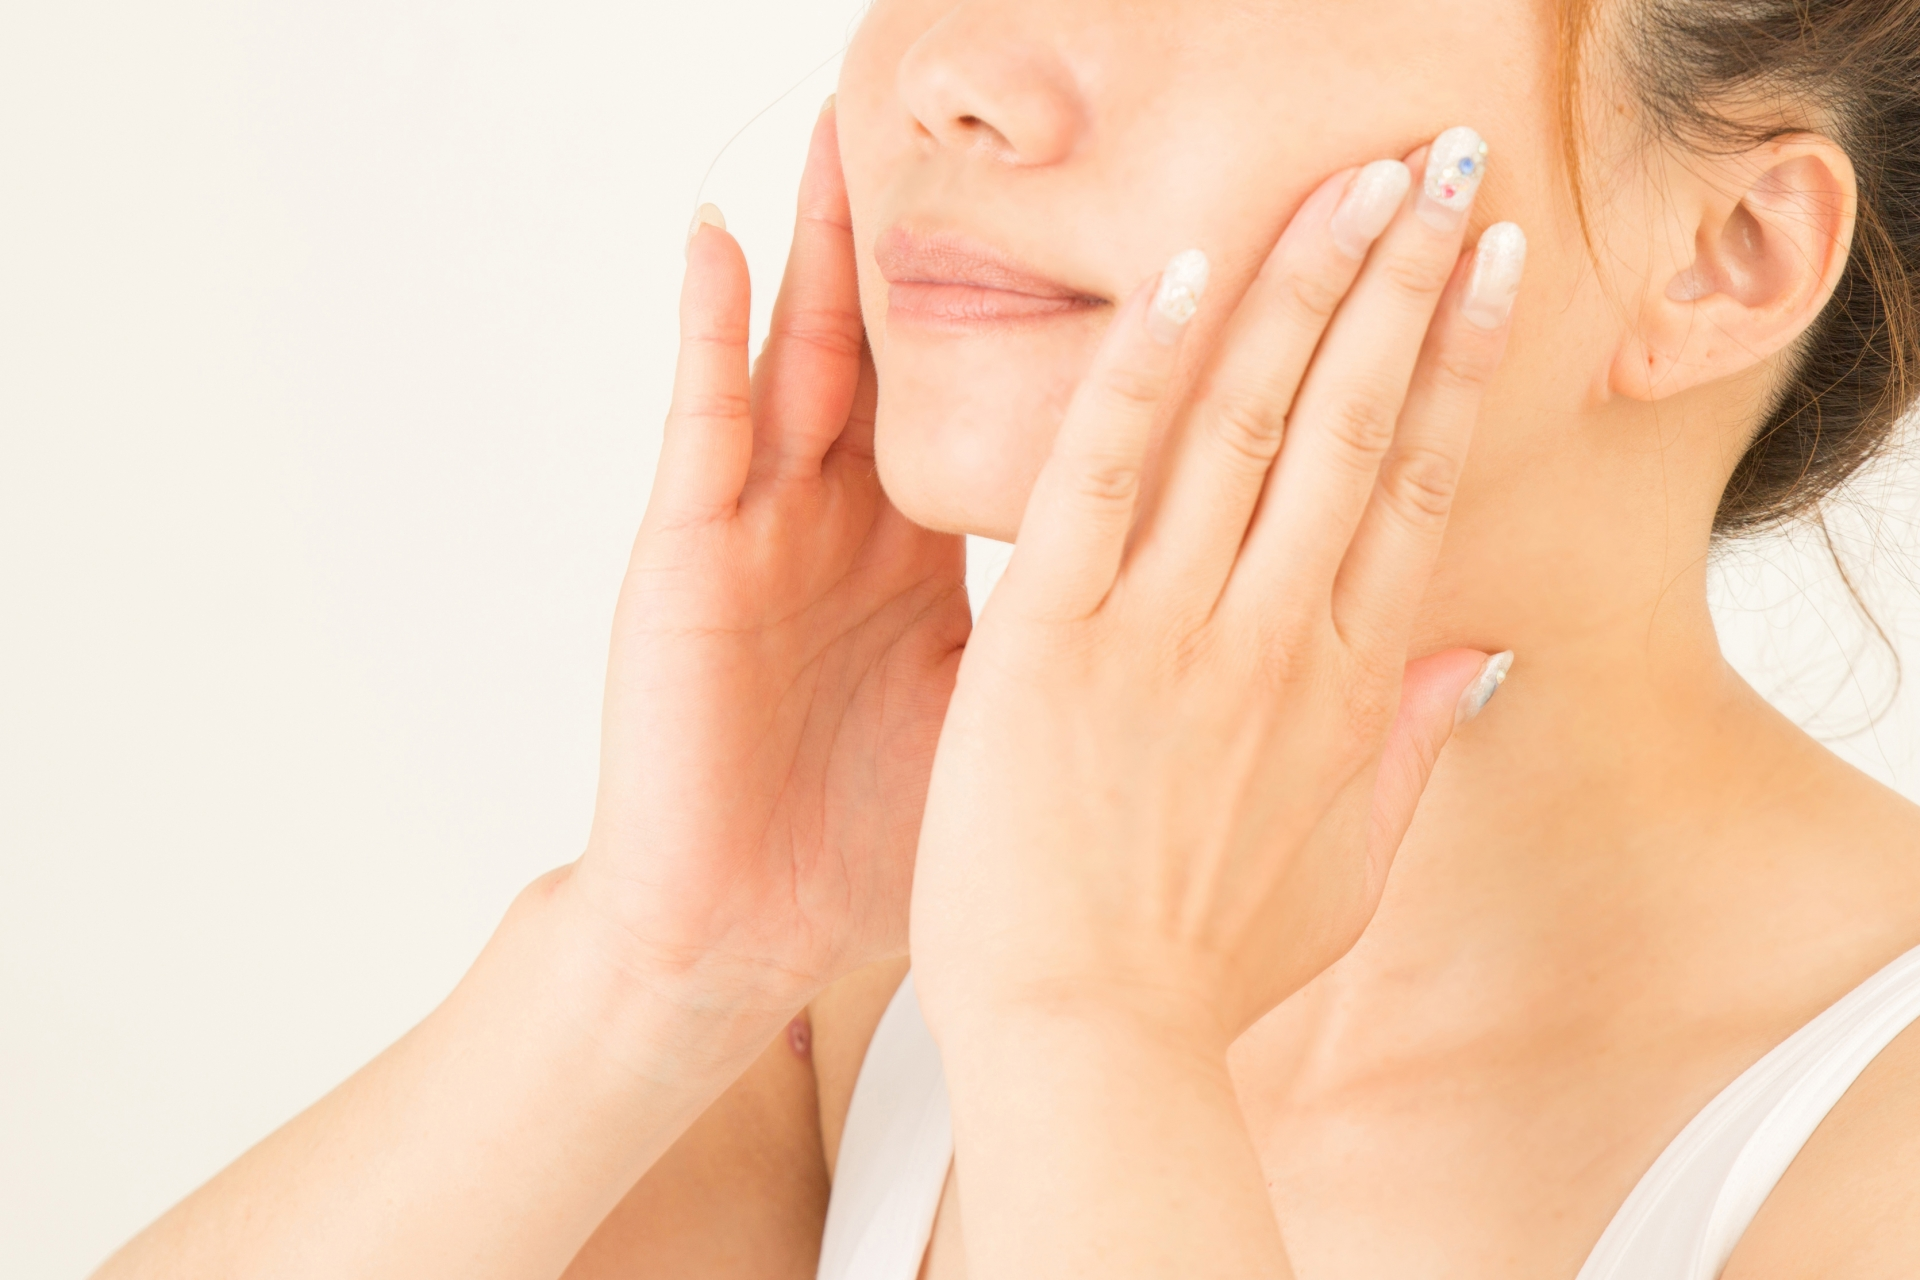 お肌のトラブル予防やアンチエイジングにも期待できる素材「ホエイ」に注目